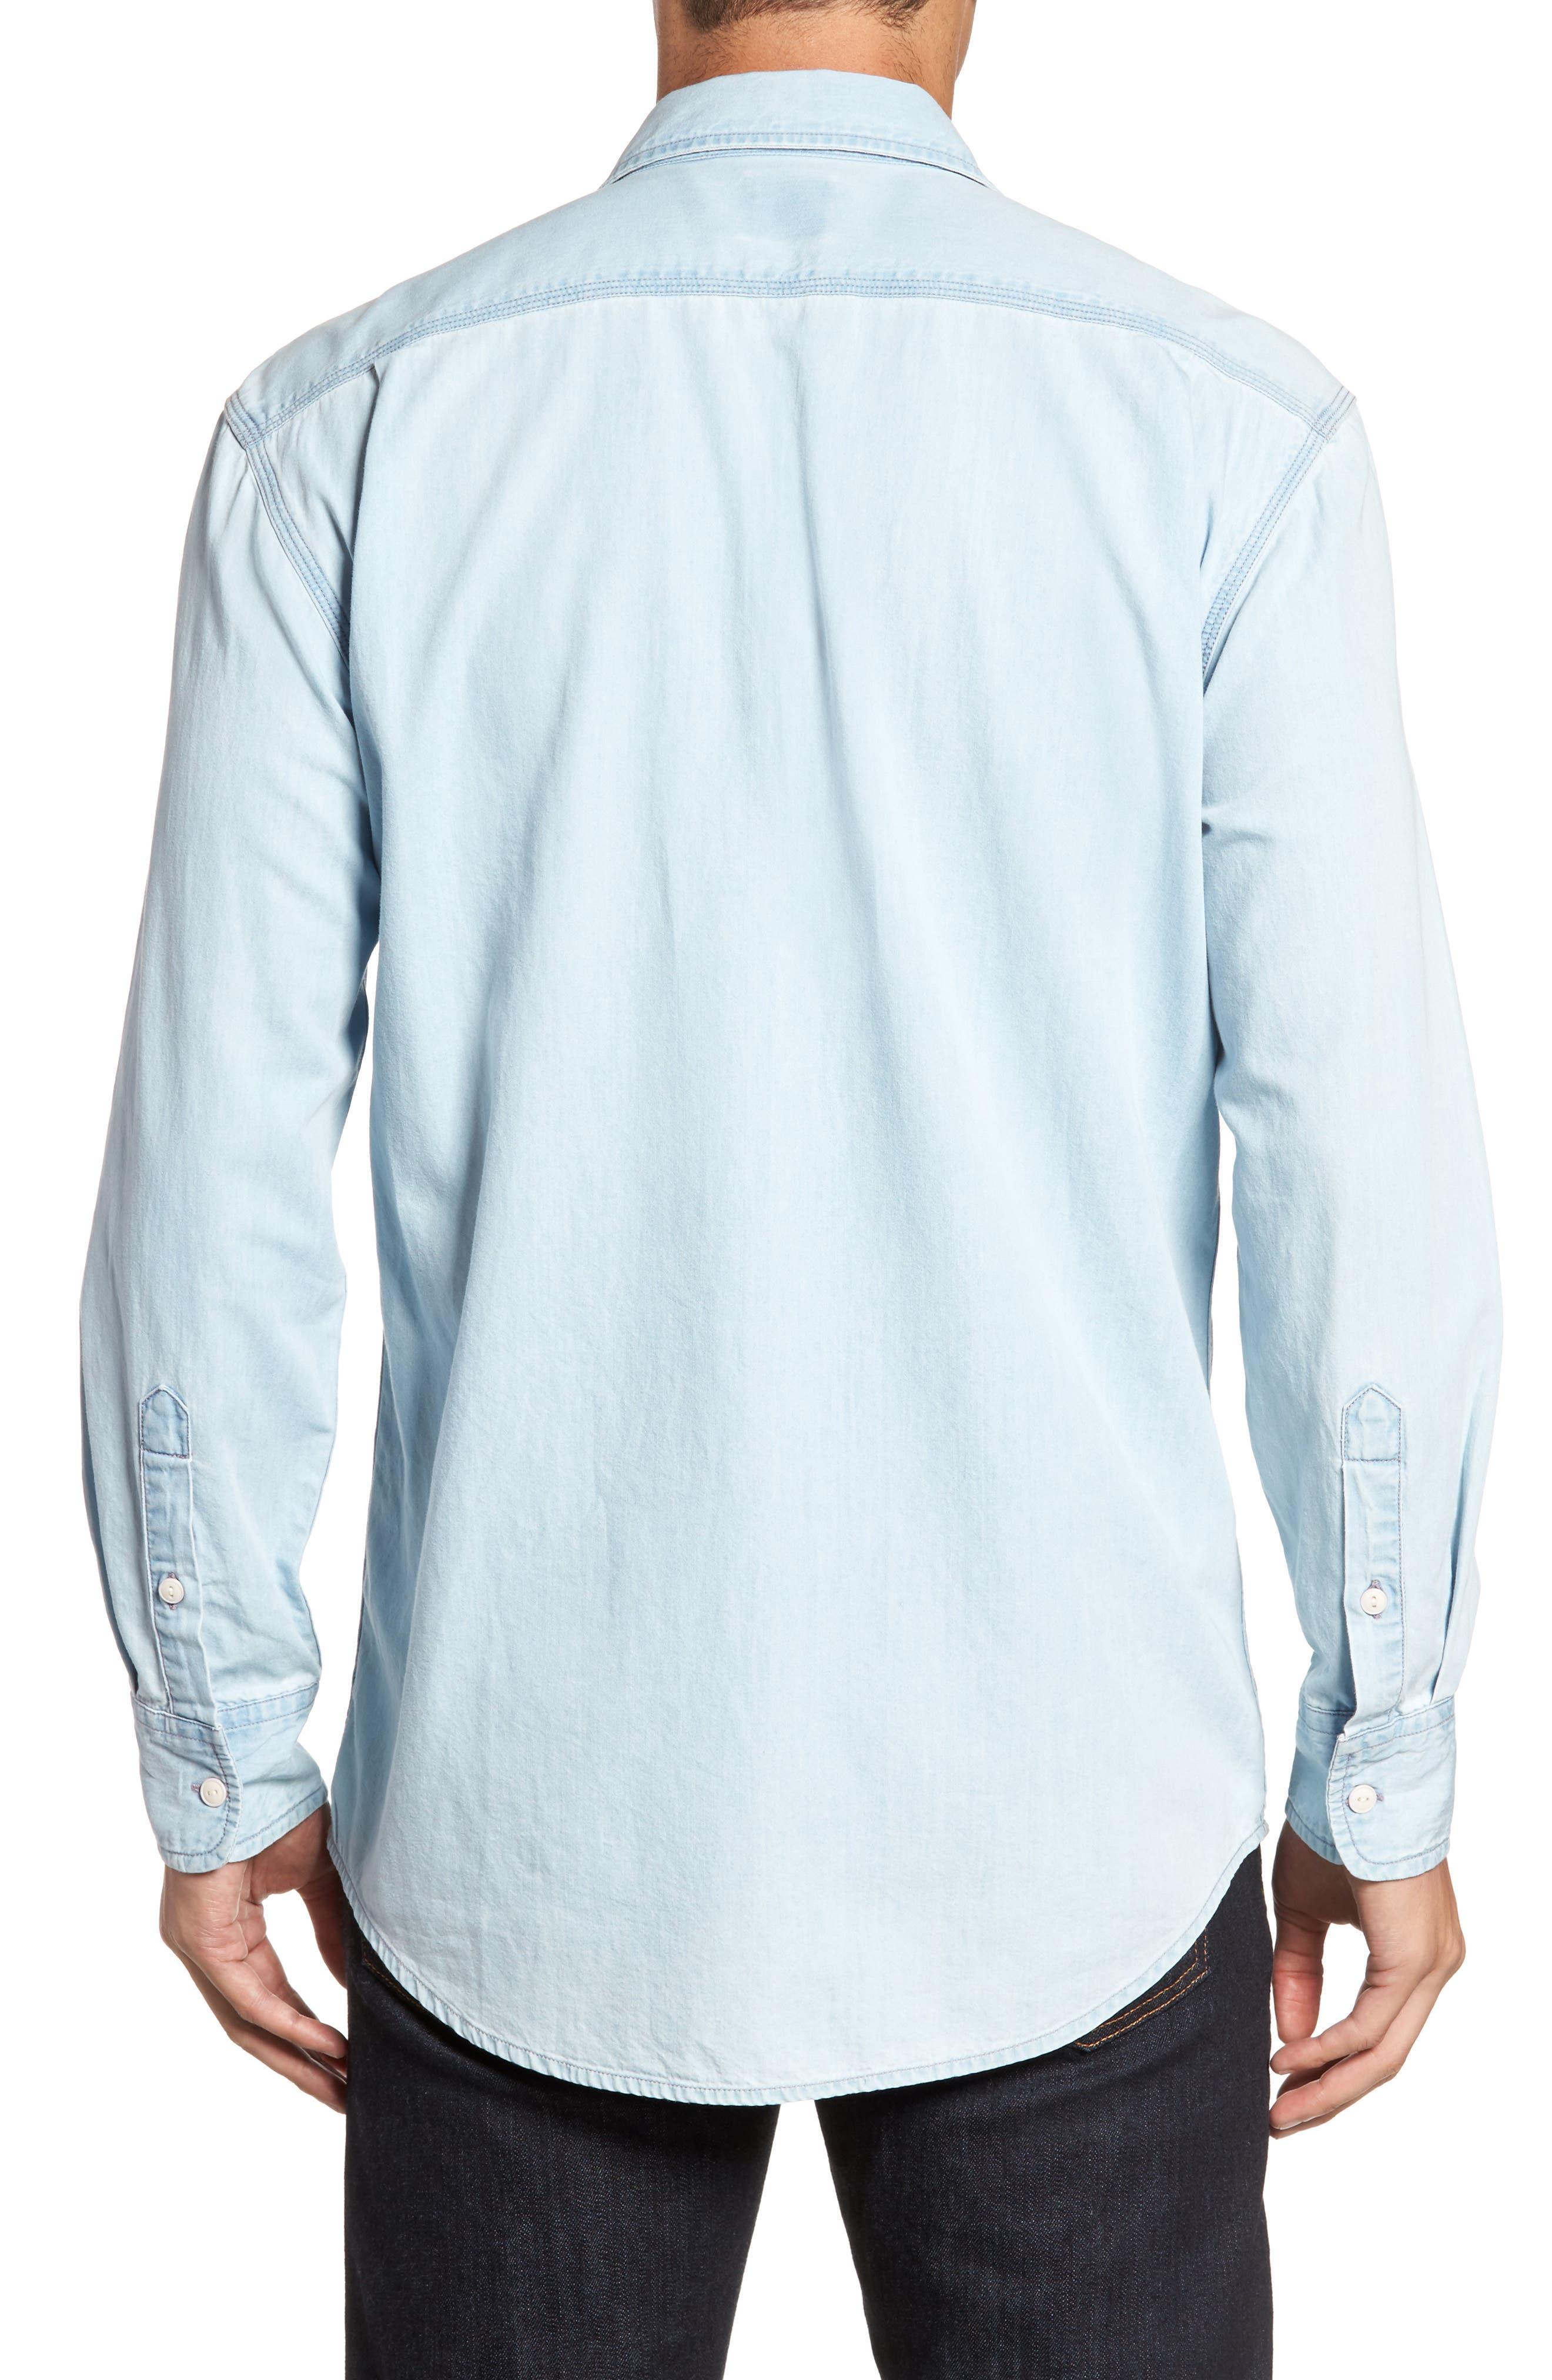 Regular Denim Sport Shirt,                             Alternate thumbnail 2, color,                             Light Blue